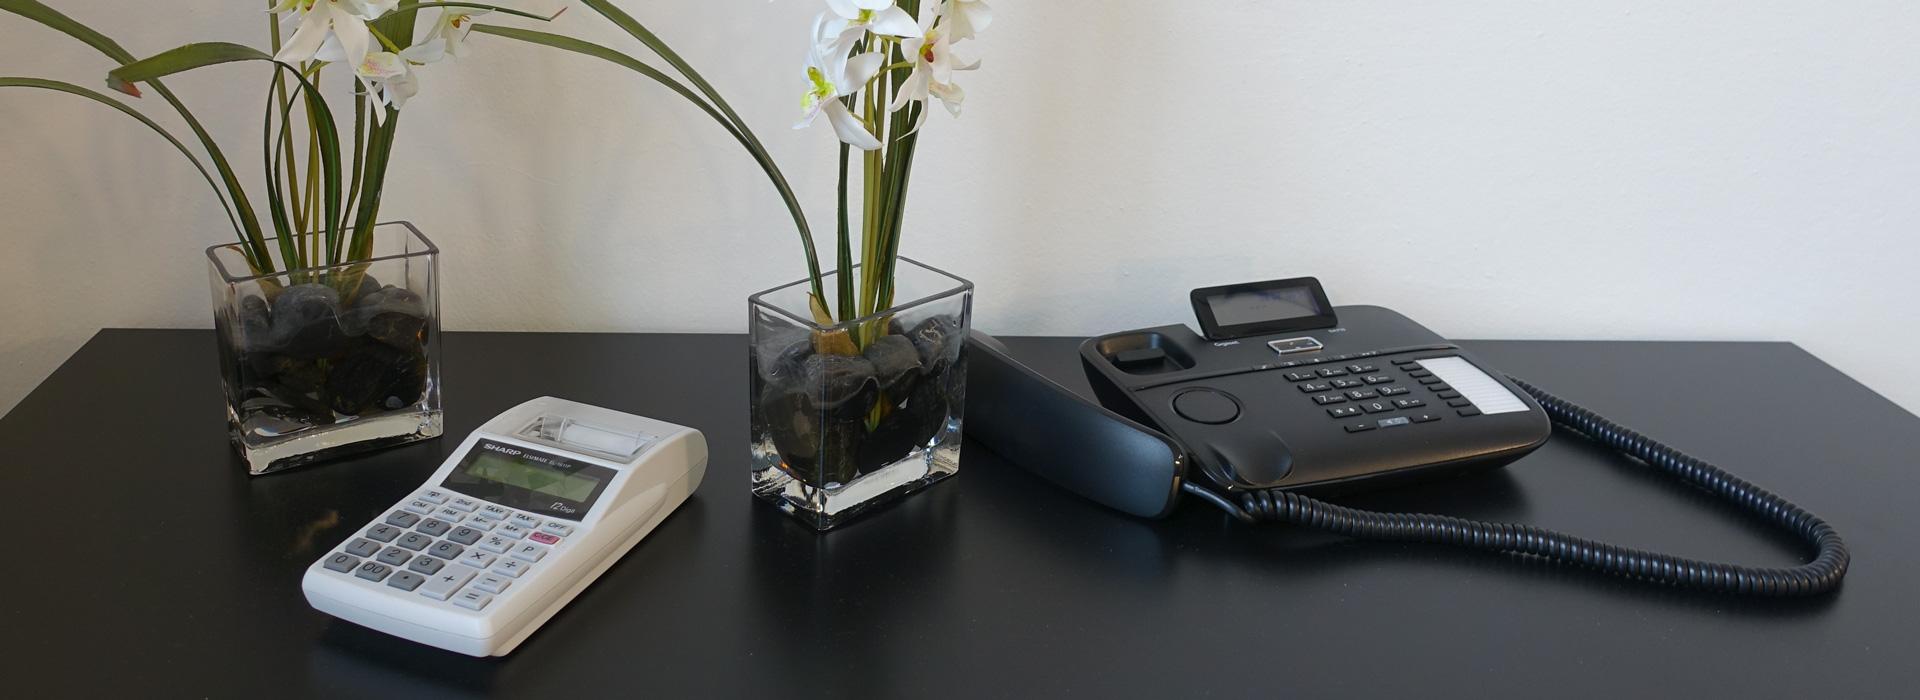 Taschenrechner mit Telefon